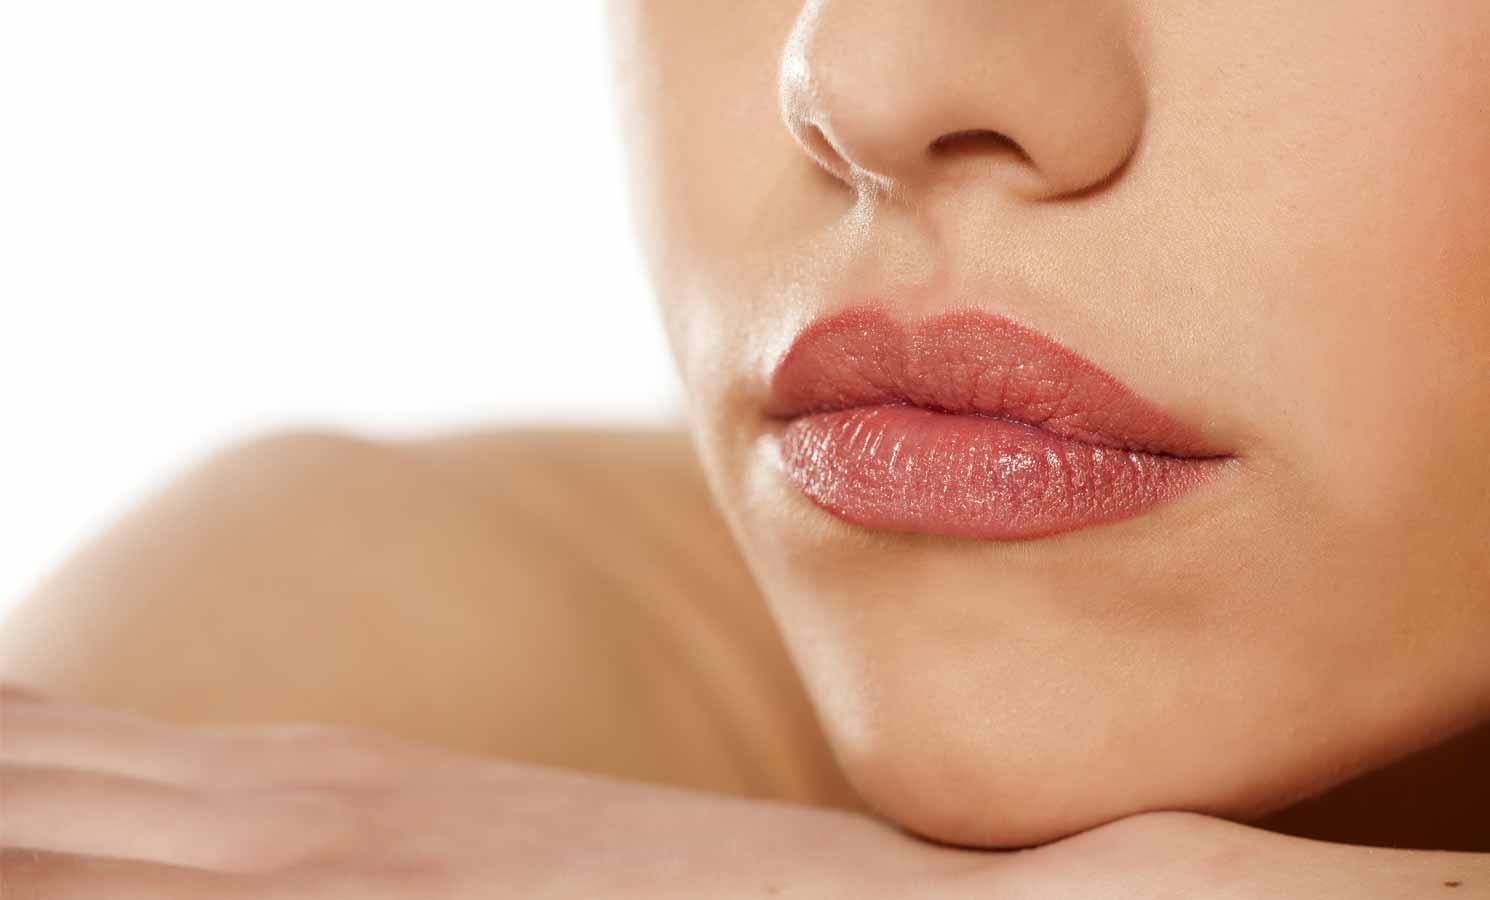 Lip Enhancement Surgery